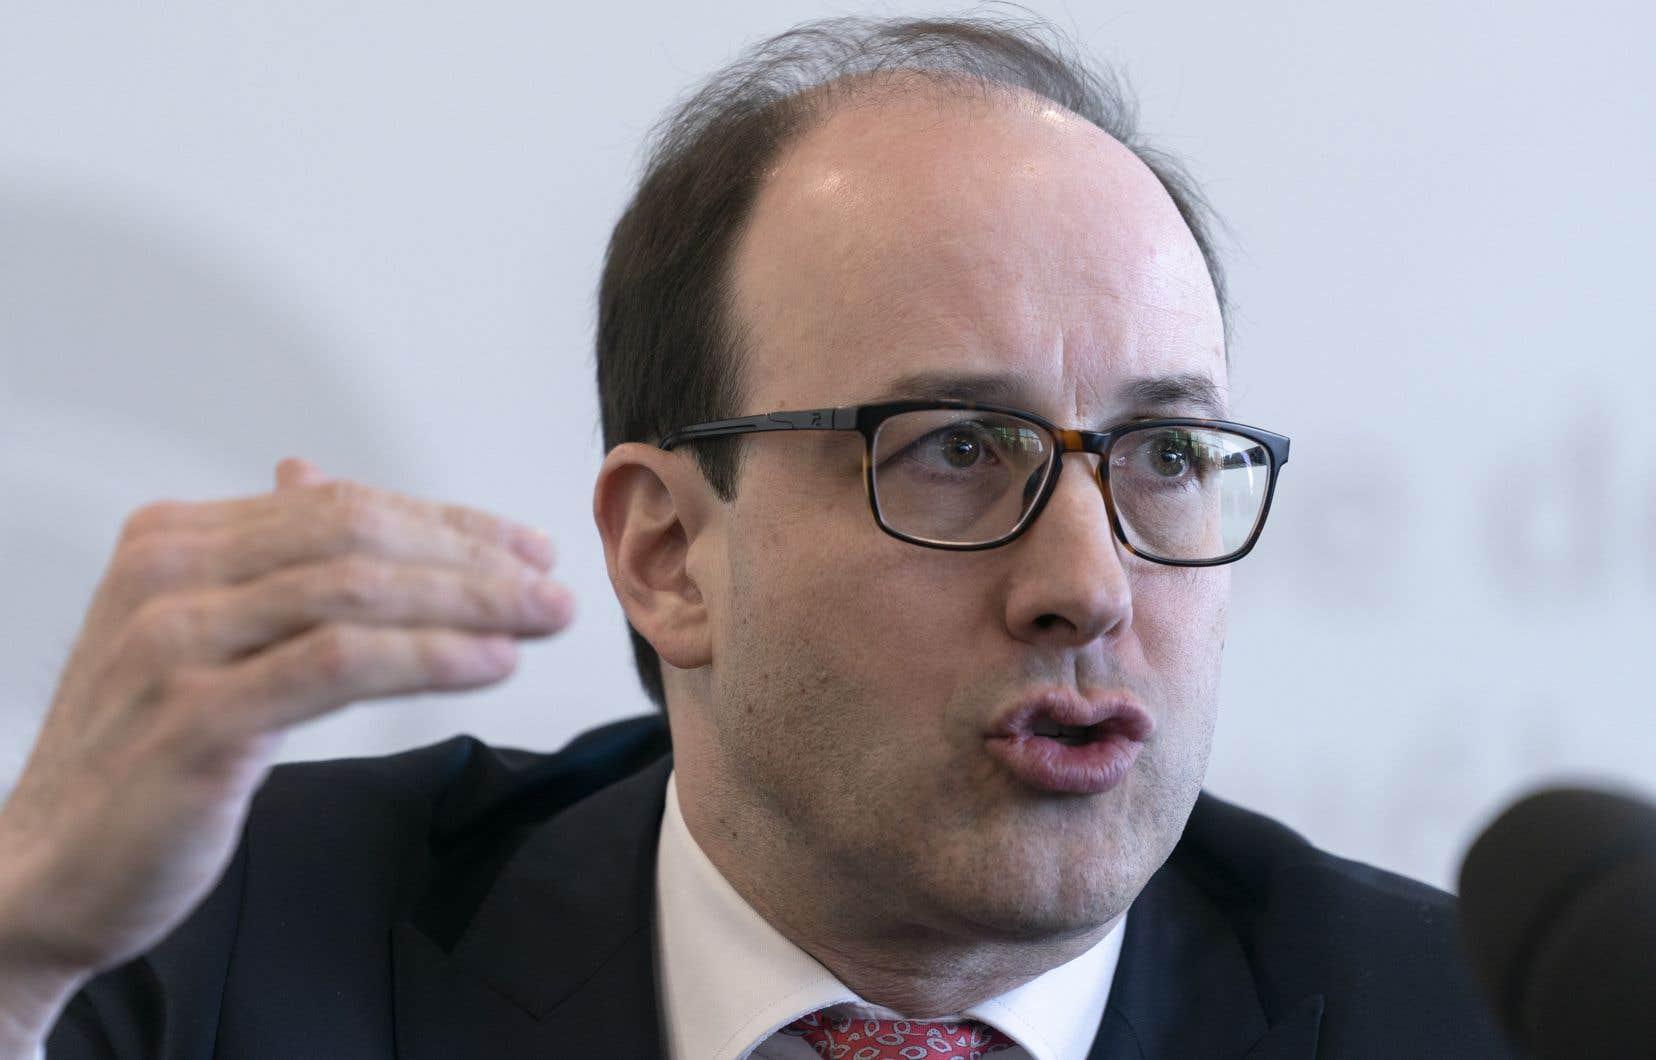 Le nouveau  président  et chef  de l'exploitation, Charles Émond, a reçu une  rémunération globale  de 2,78 millions en 2019.